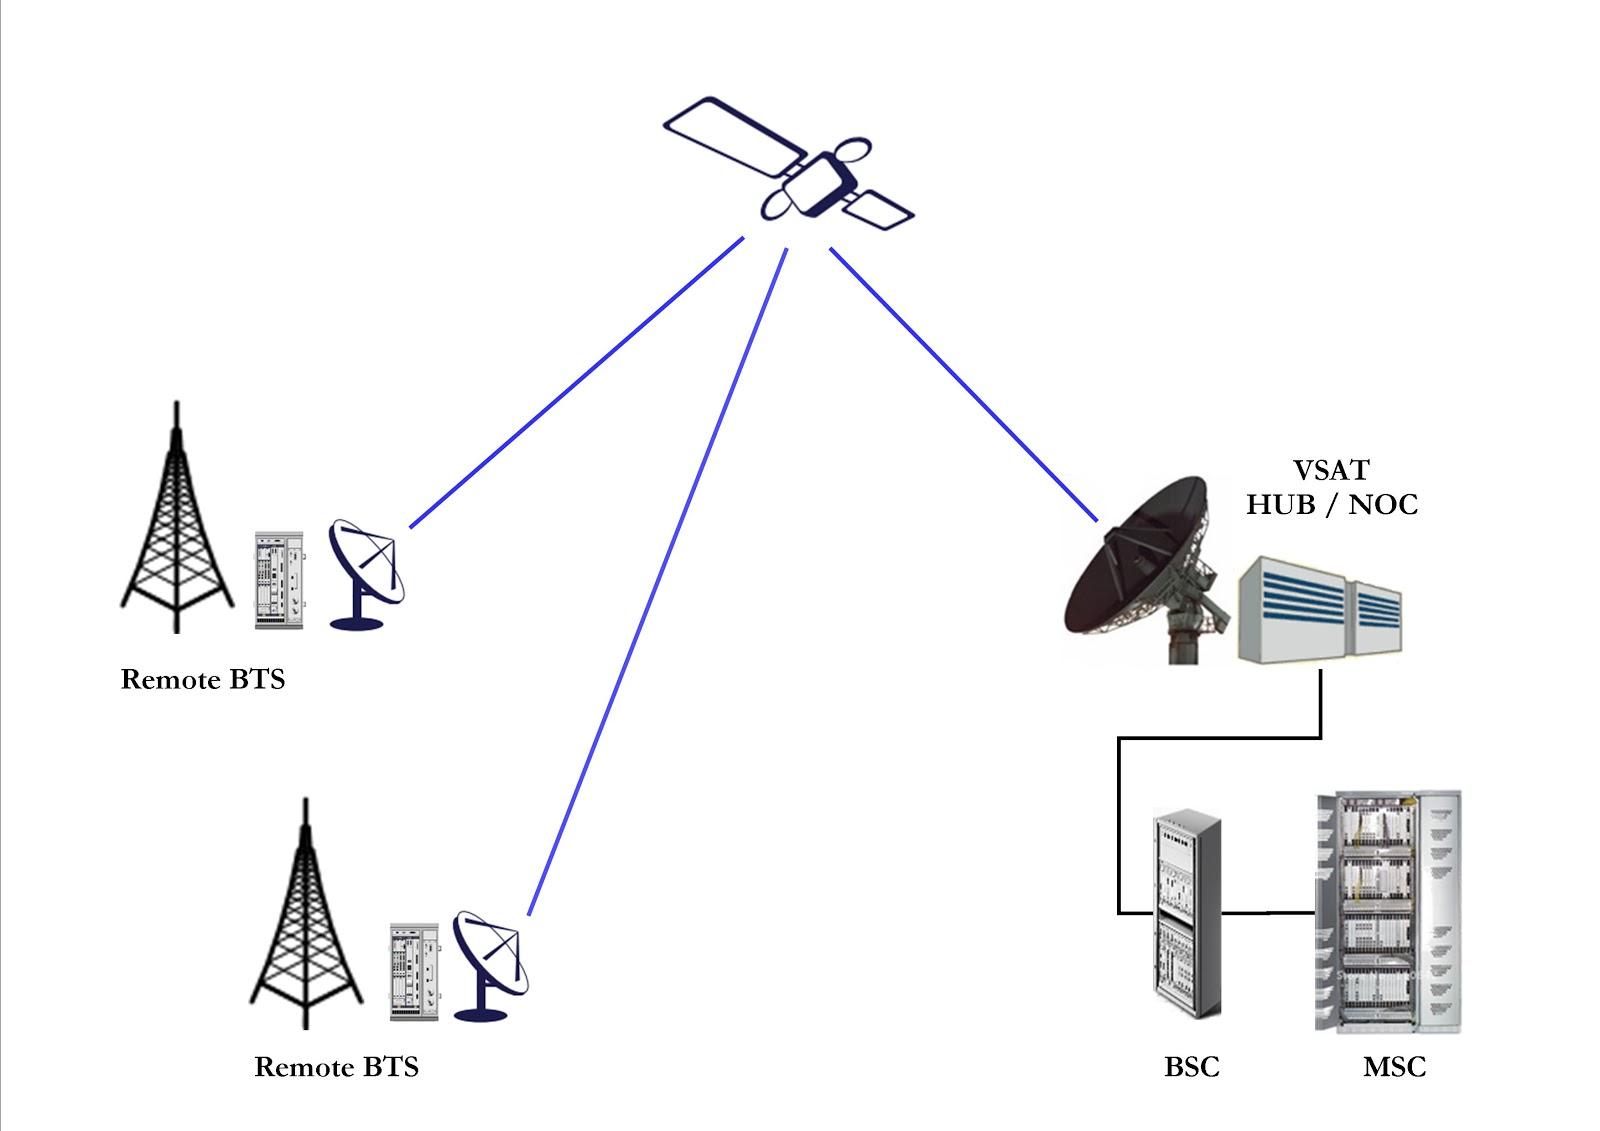 Jenis jenis teknologi jaringan nirkabel admin komputer belajar sedangkan jaringan area luas nirkabel wwan adalah bentuk jaringan nirkabel ukuran yang lebih besar dari jaringan area luas dibandingkan dengan jaringan ccuart Choice Image